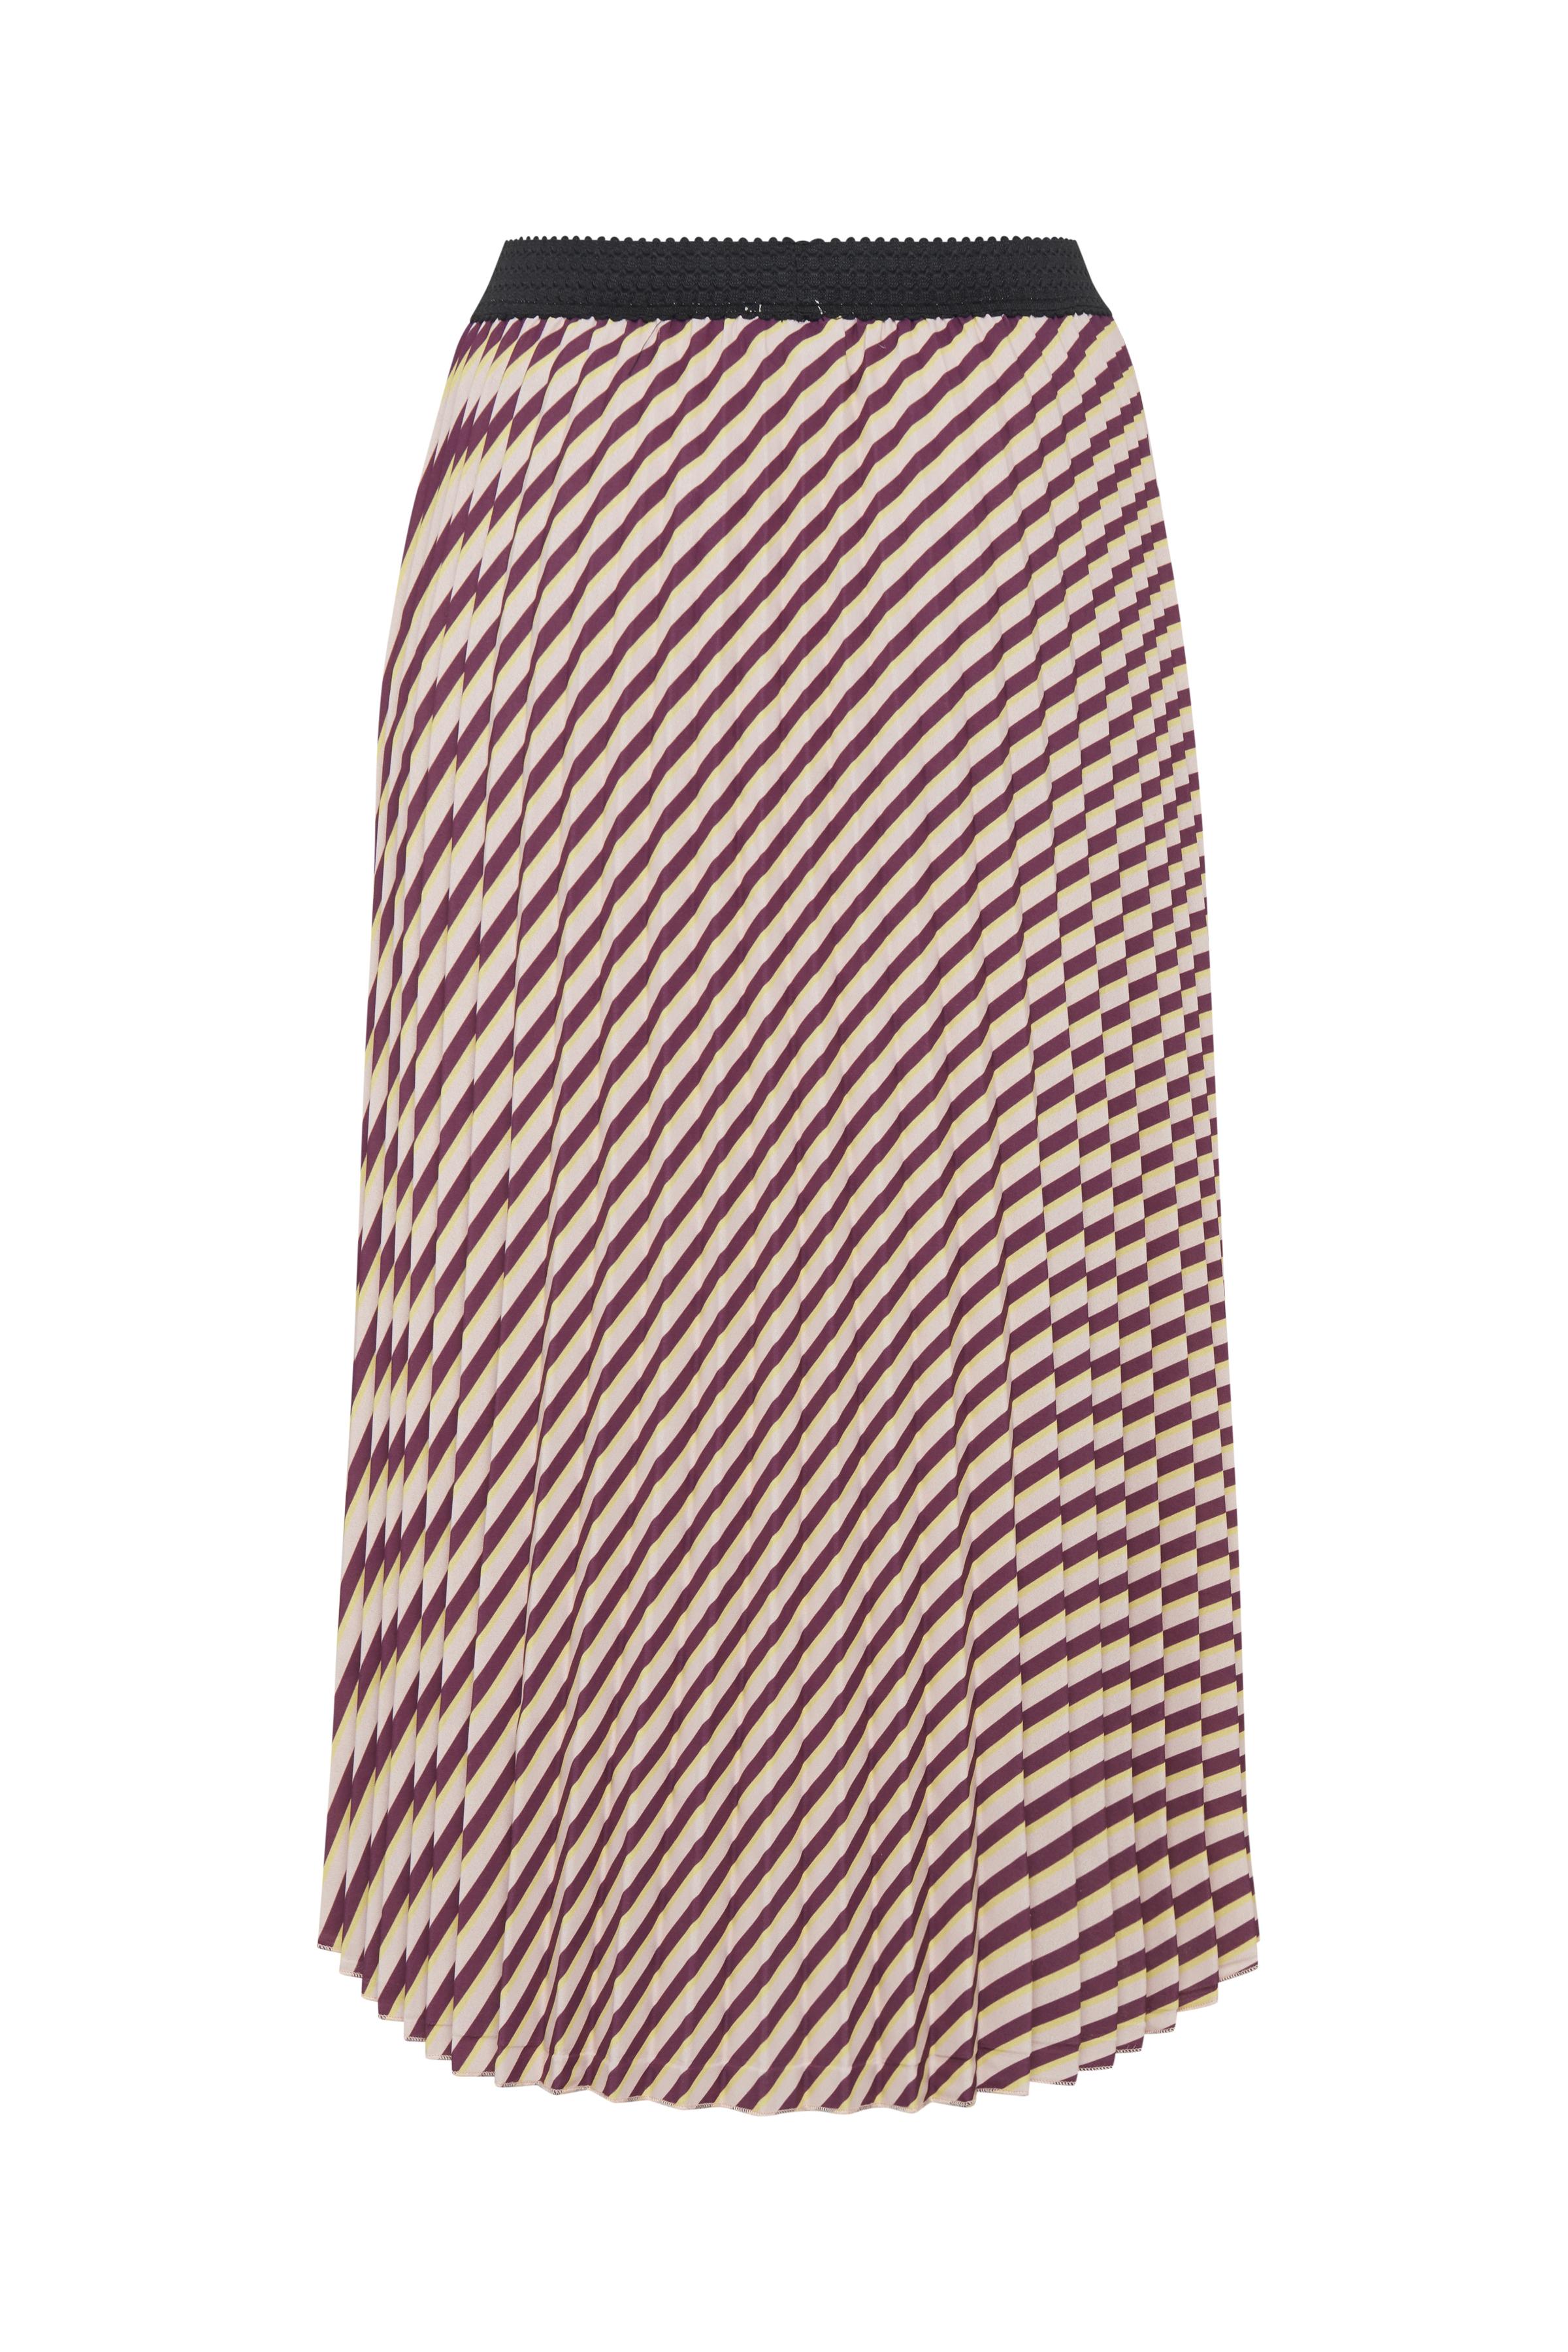 Mörk rosa/off-white Kjol från b.young – Köp Mörk rosa/off-white Kjol från stl. 34-46 här